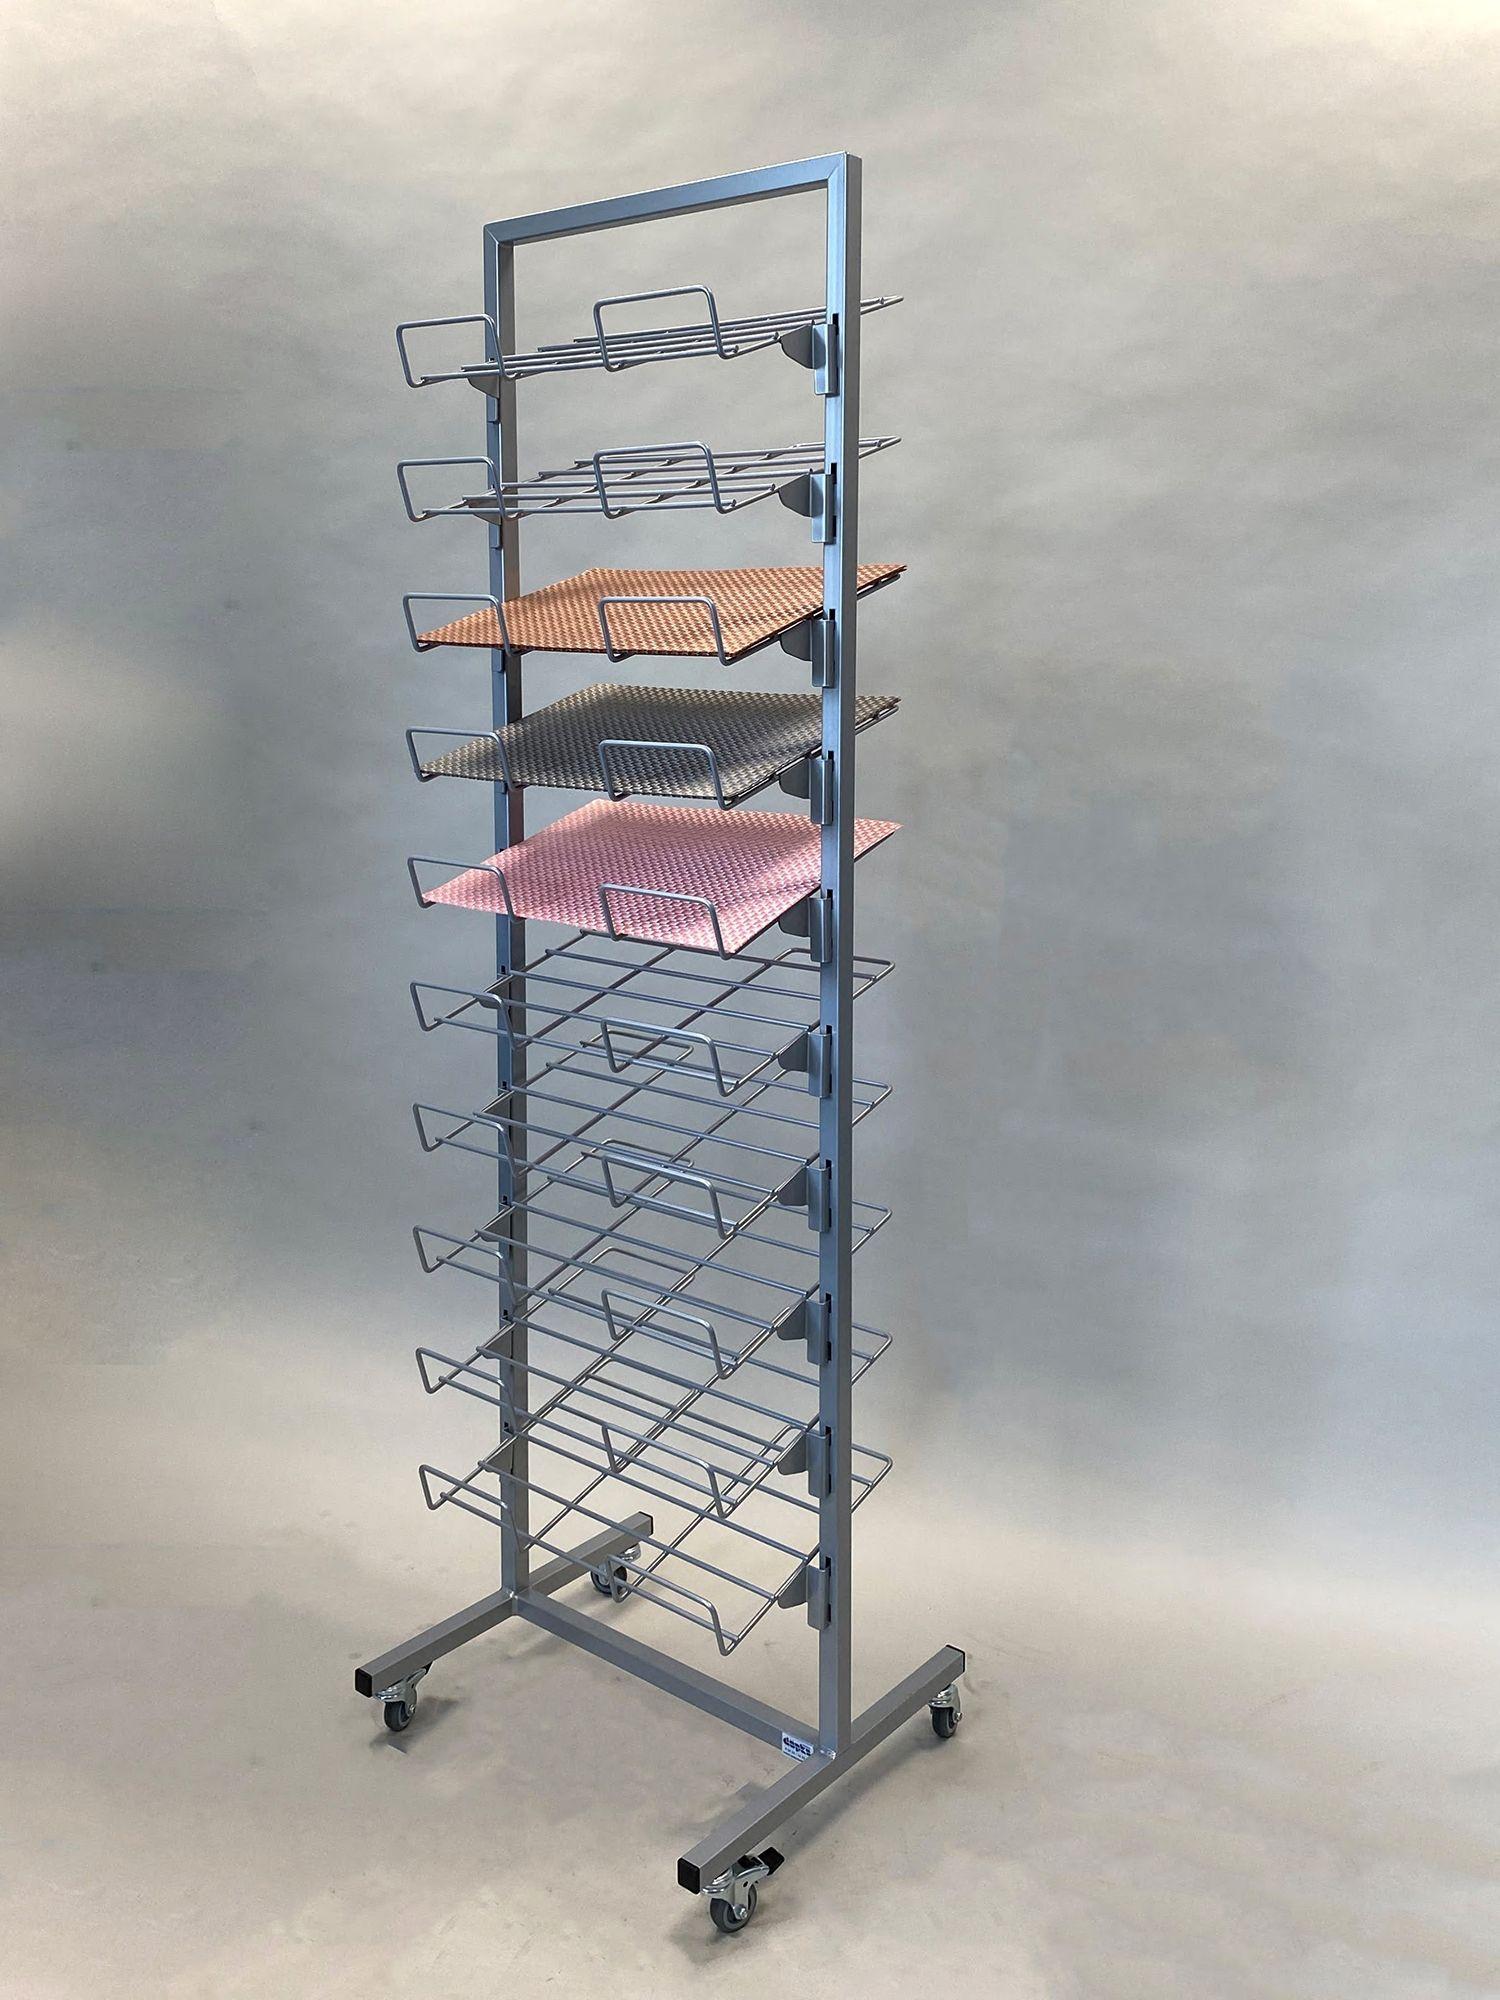 Verkaufsständer für Tisch- und Platz-Sets